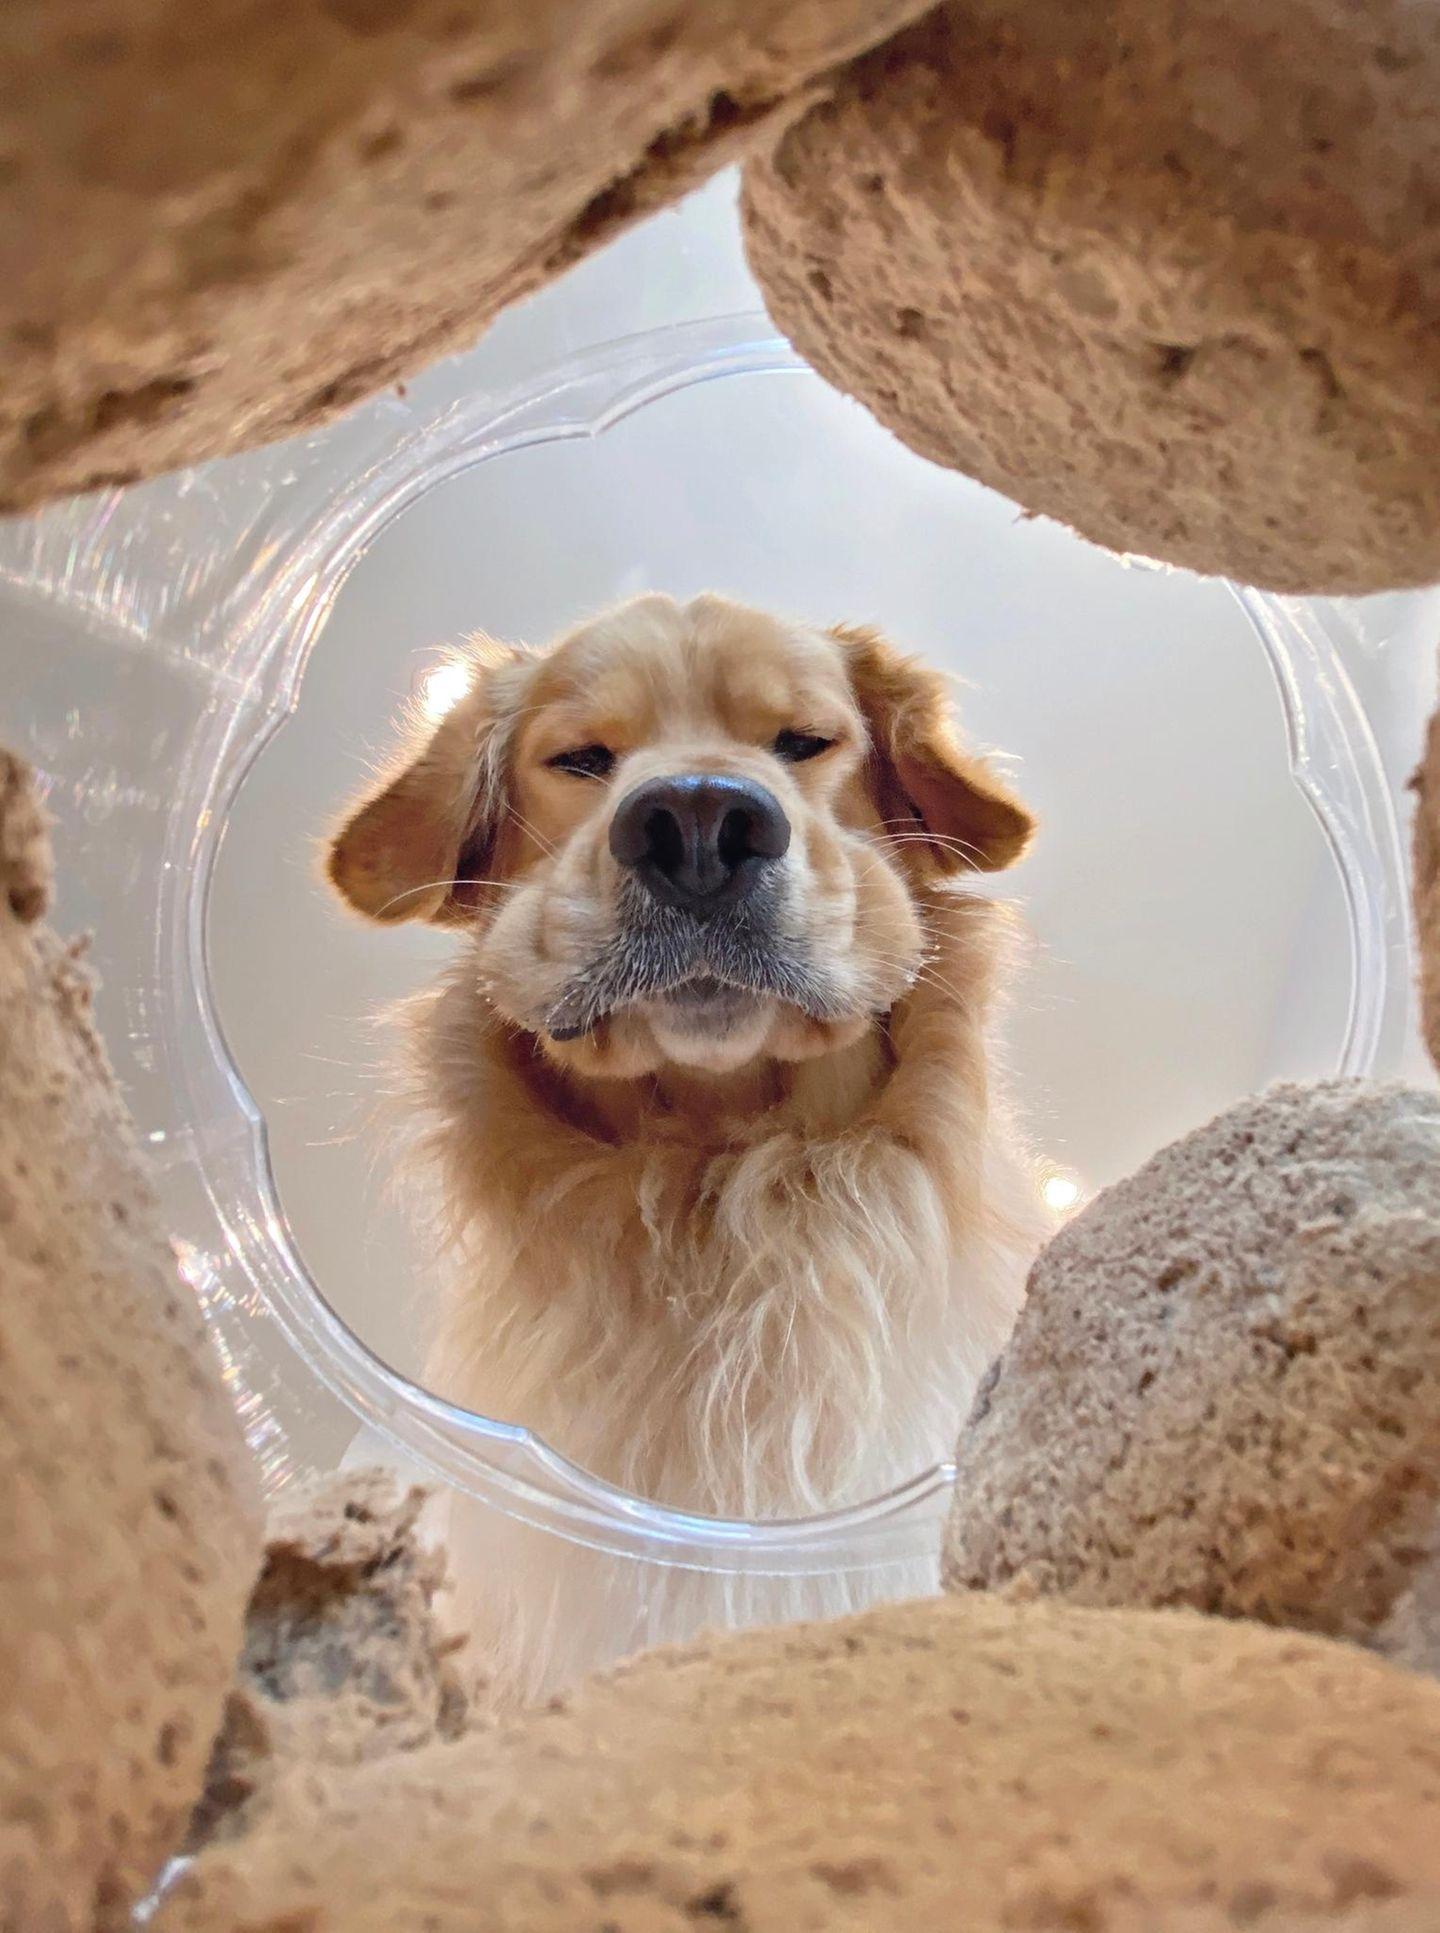 Haustier Fotowettbewerb: Hund spiegelt sich im Wasser